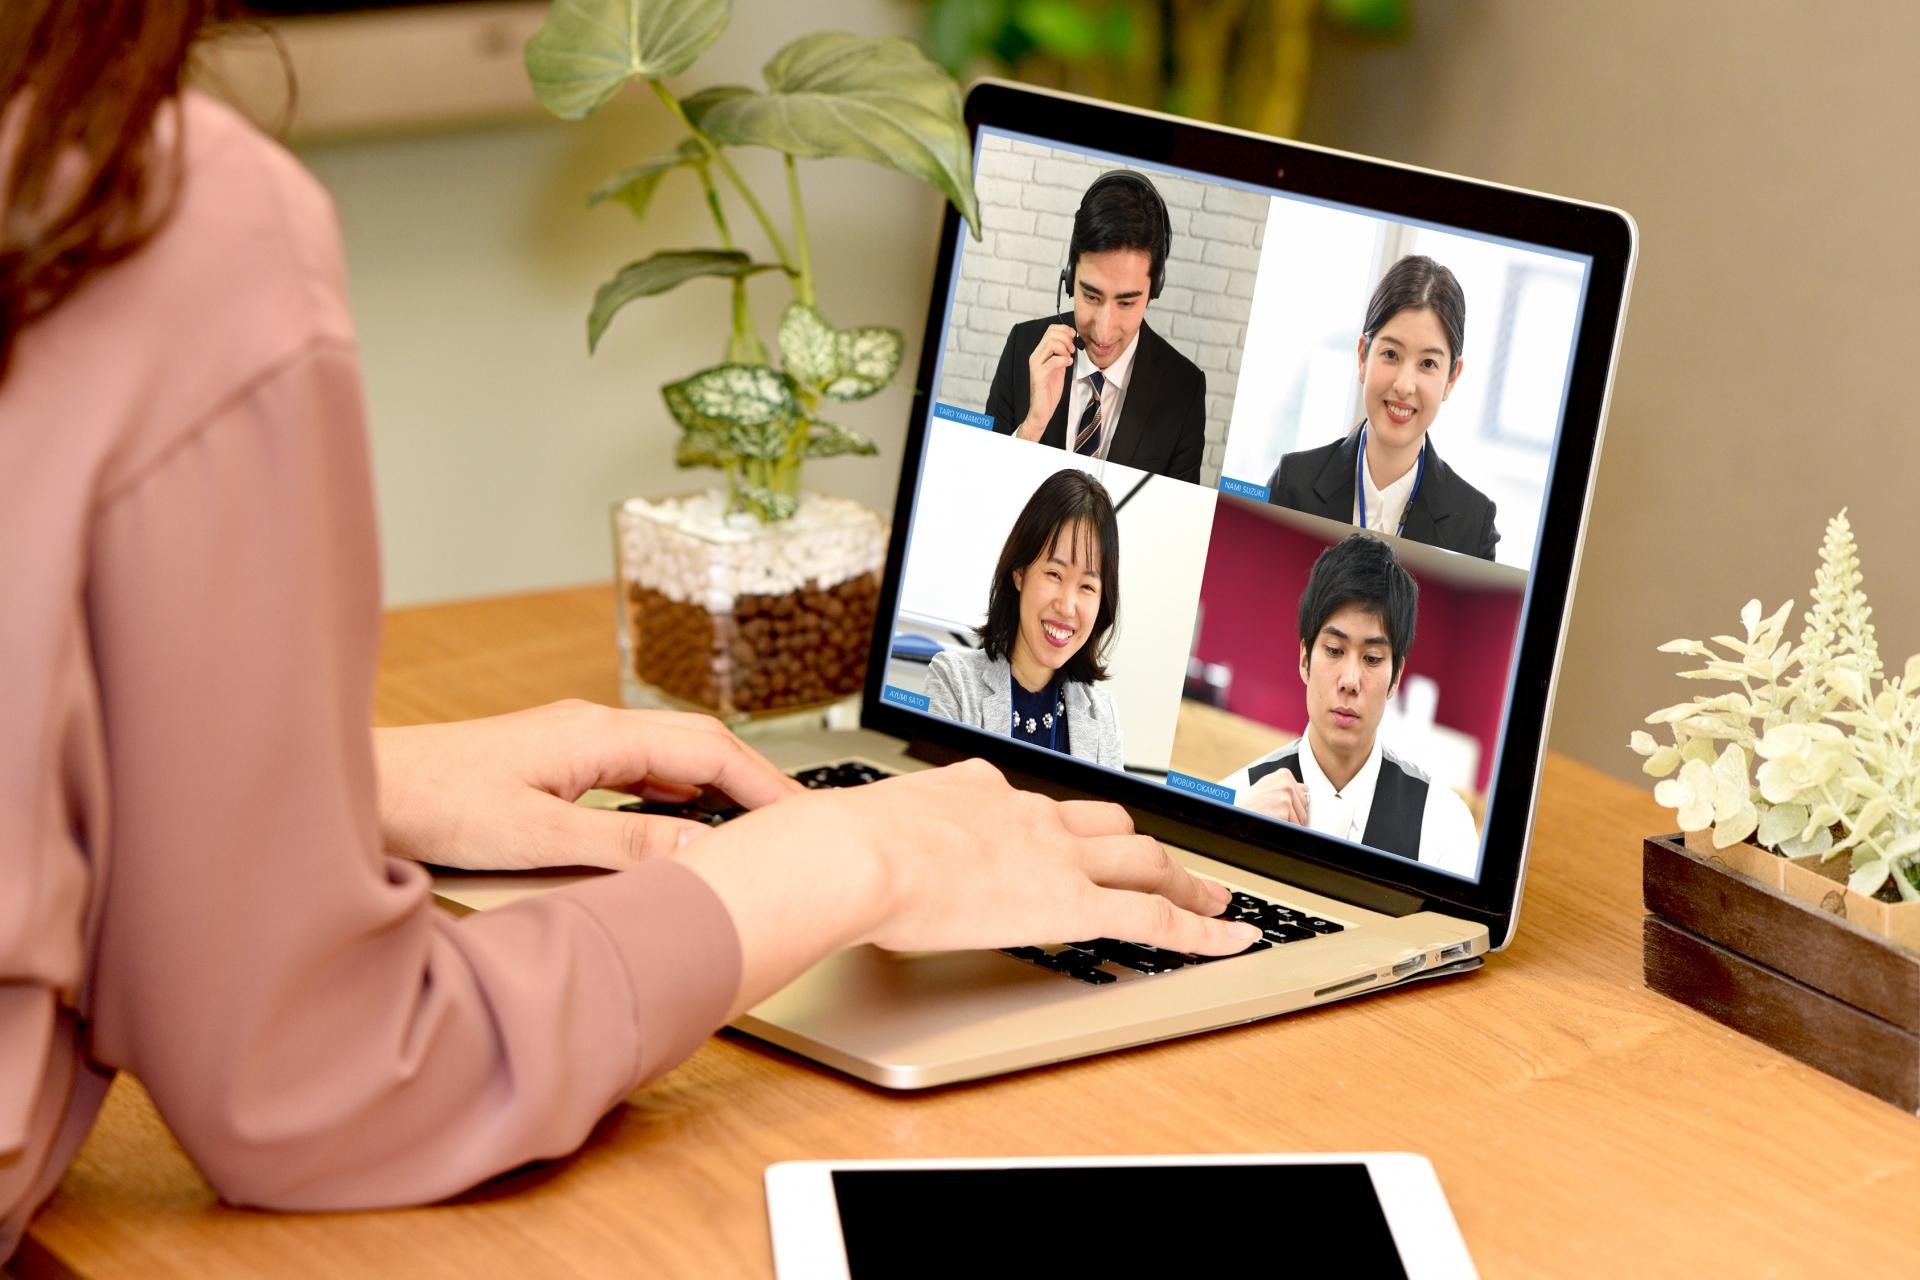 オンライン講座や動画制作、動画配信